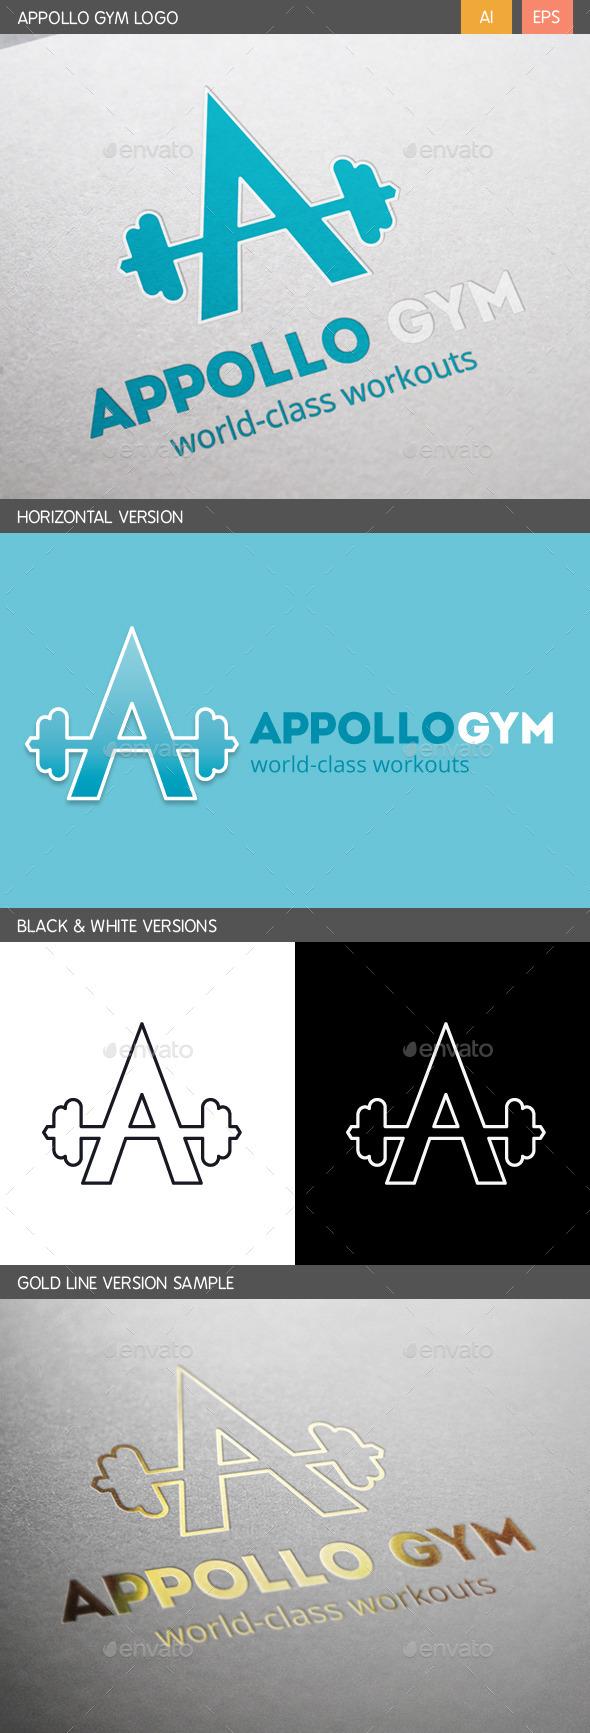 Appollo Gym Logo